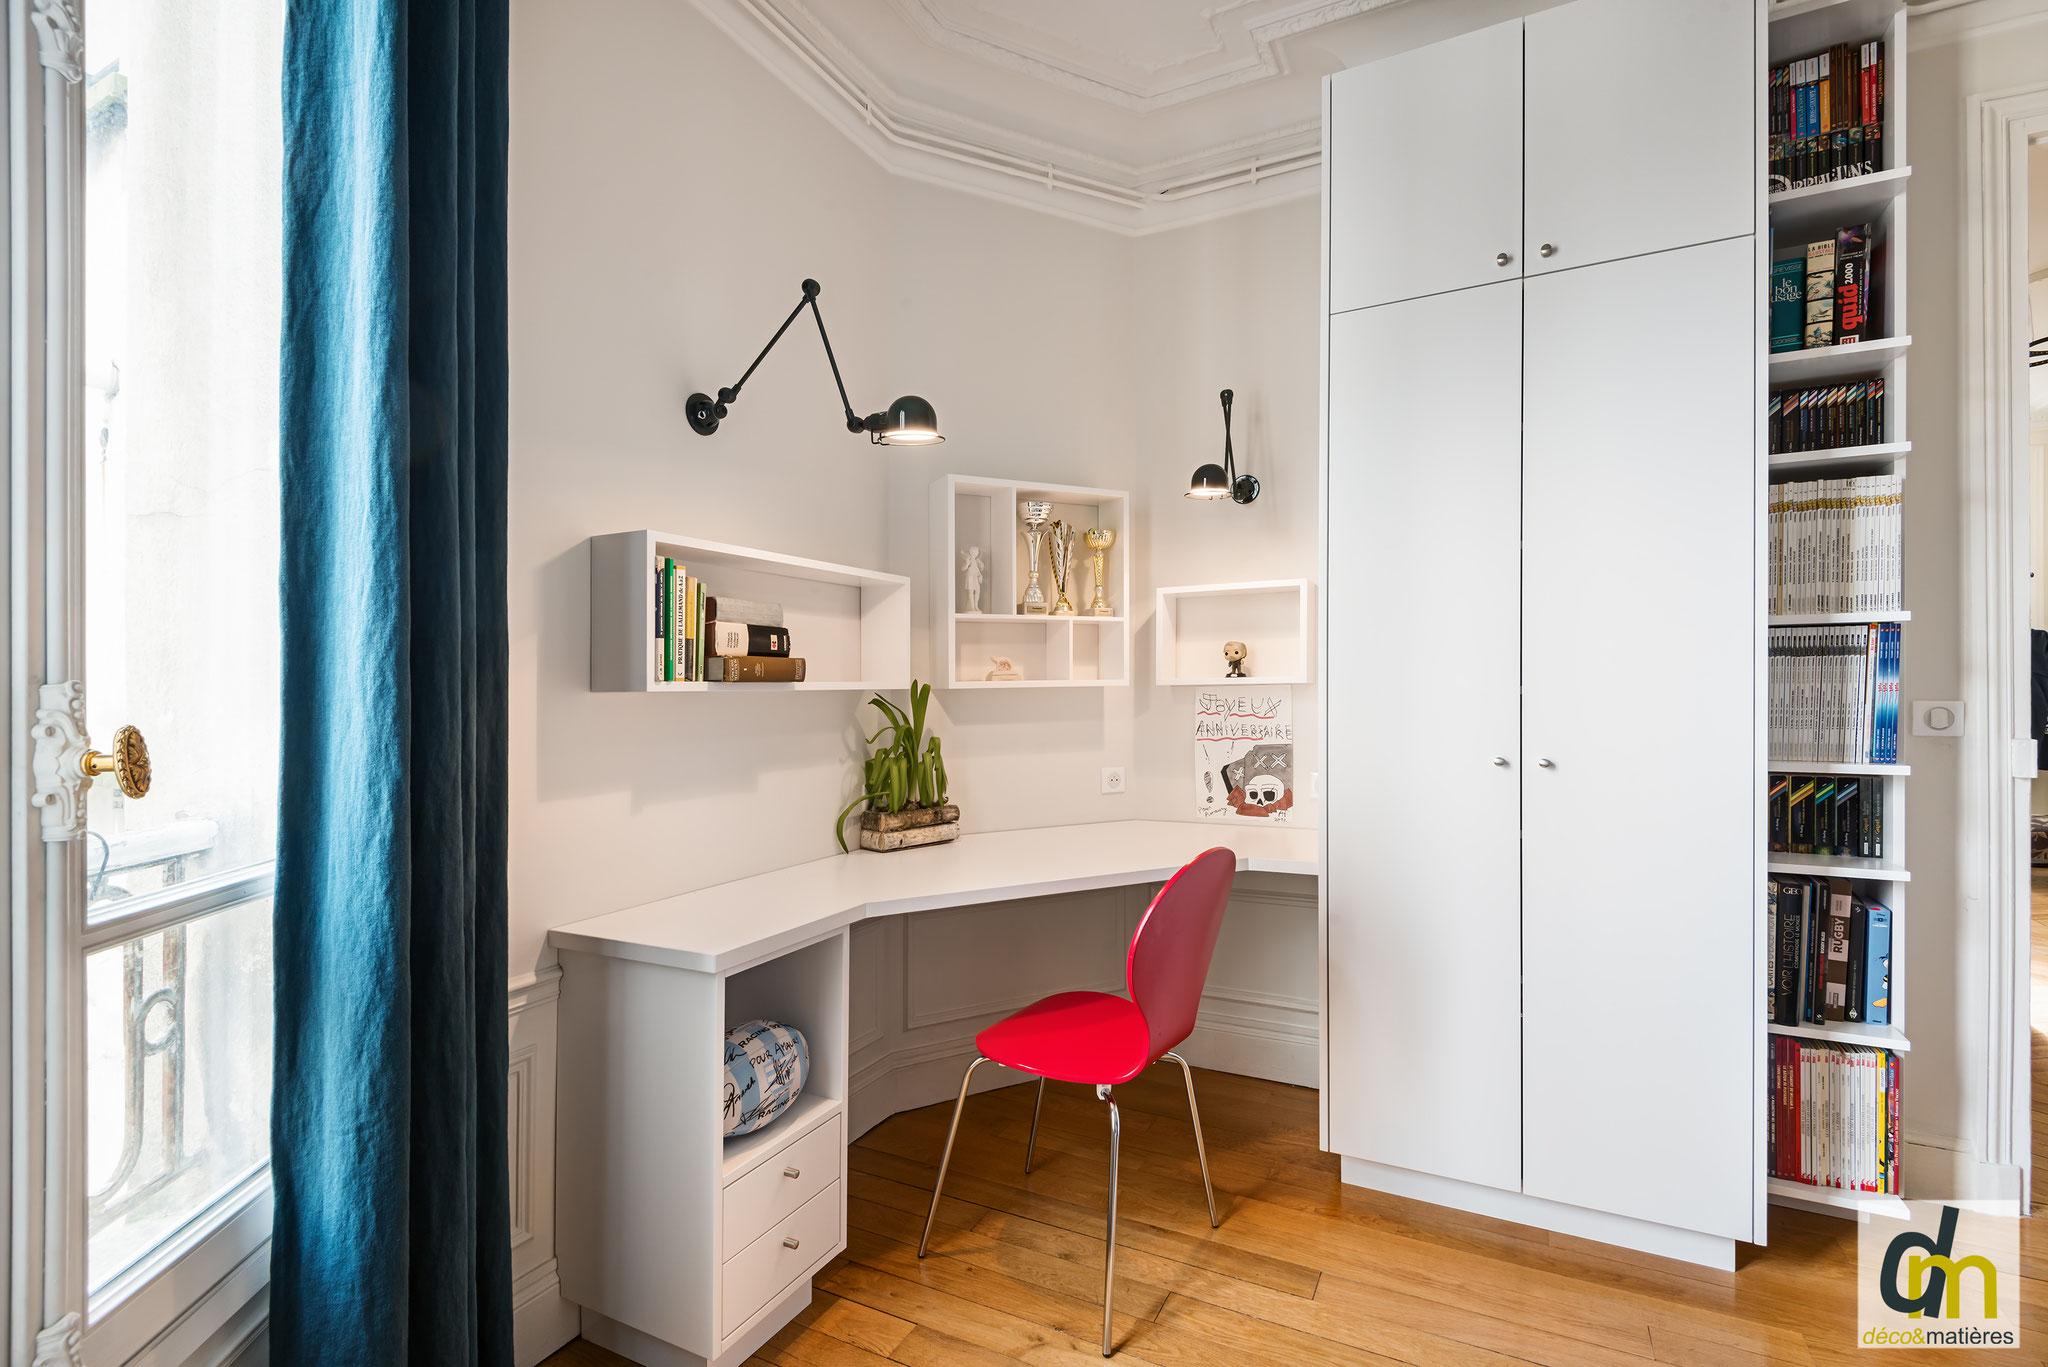 Un bureau sur mesure dans un espace enfant, avec étagères murales, armoire et bibliothèque. Aménagement réussi dans un espace restreint.